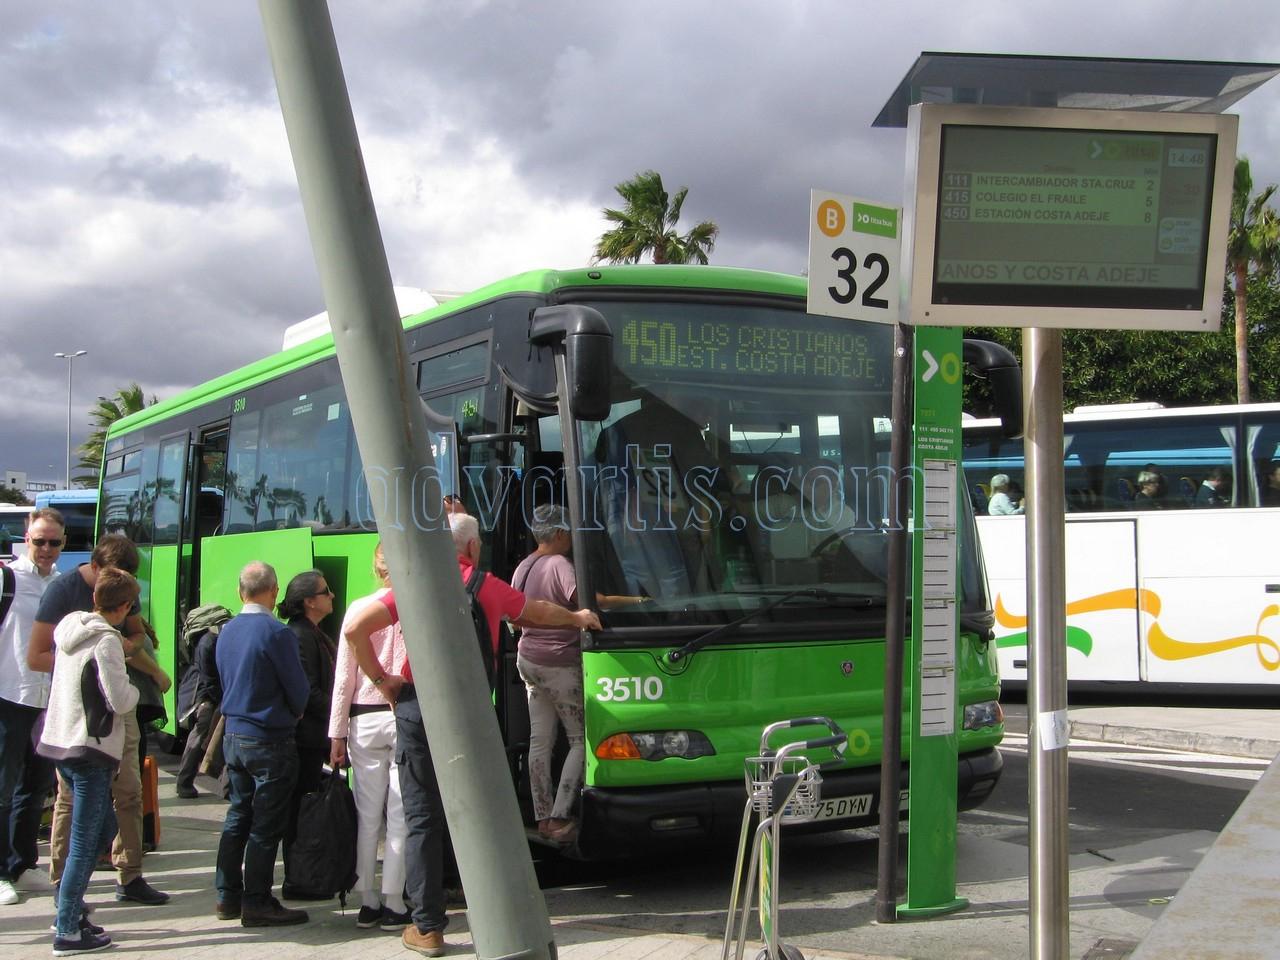 Tenerife bus in Tenerife South airport